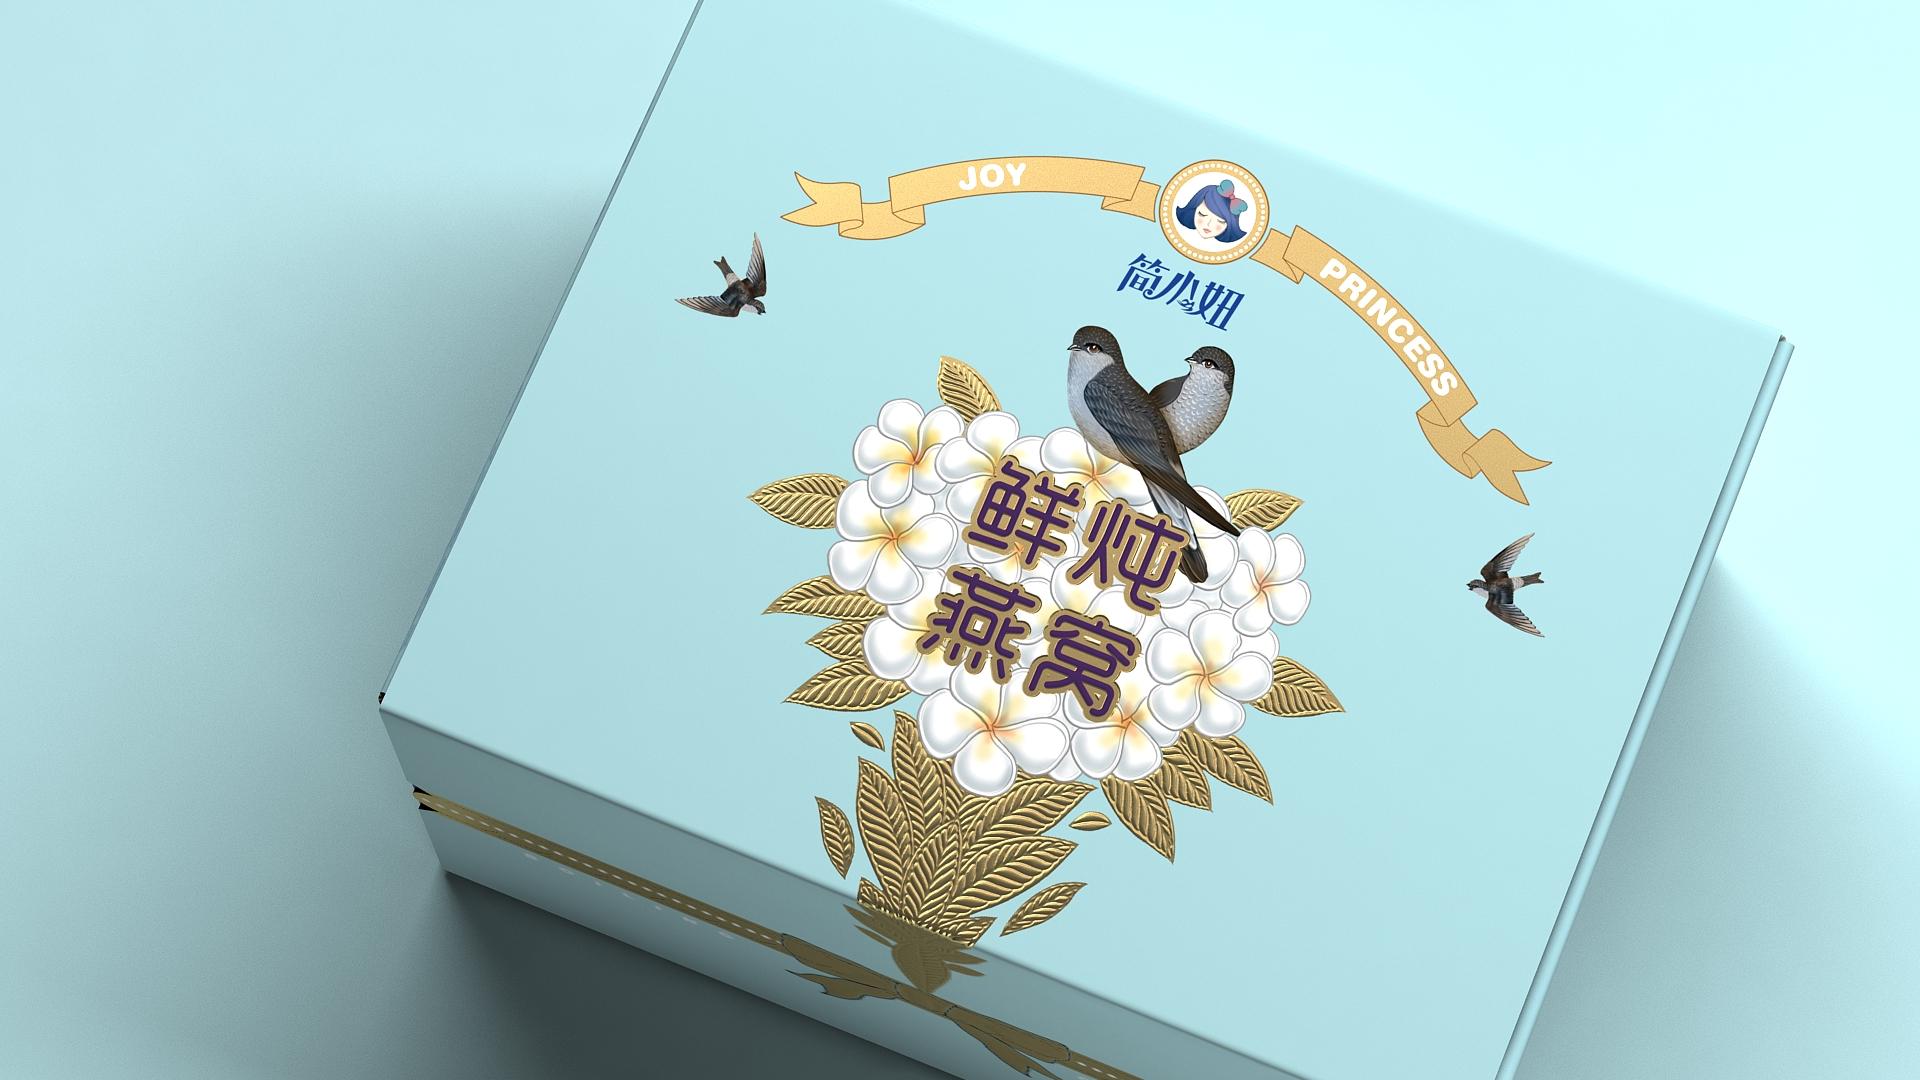 燕窝包装设计燕窝品牌《简小妞》设计欣赏